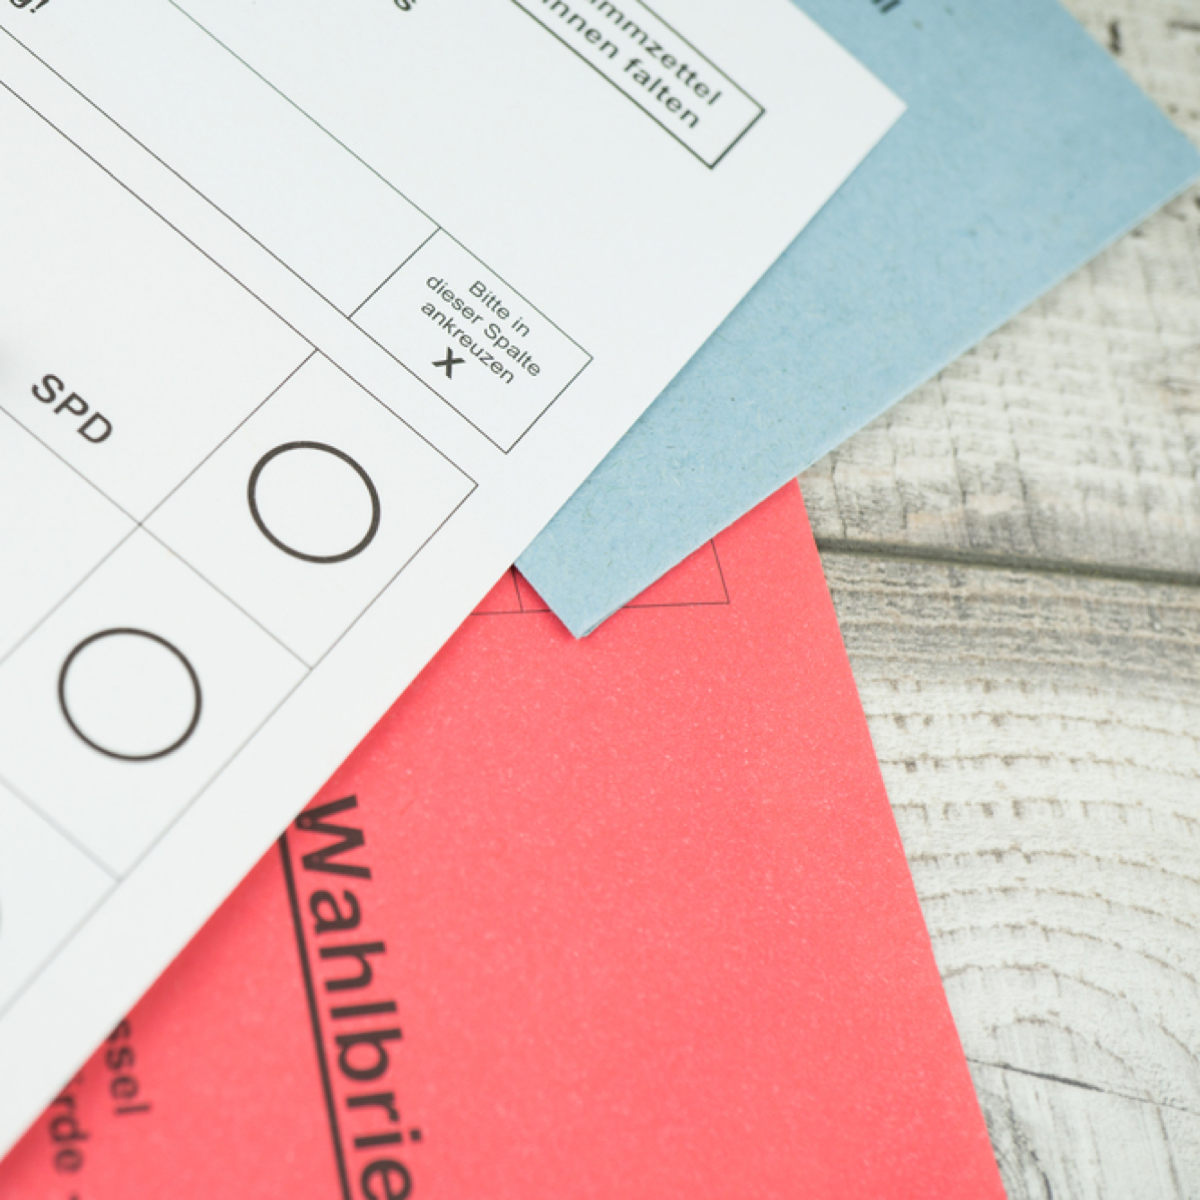 Bundestagswahl 2017 Unterrichtsmaterial: Arbeitsmaterial und Testaufgaben